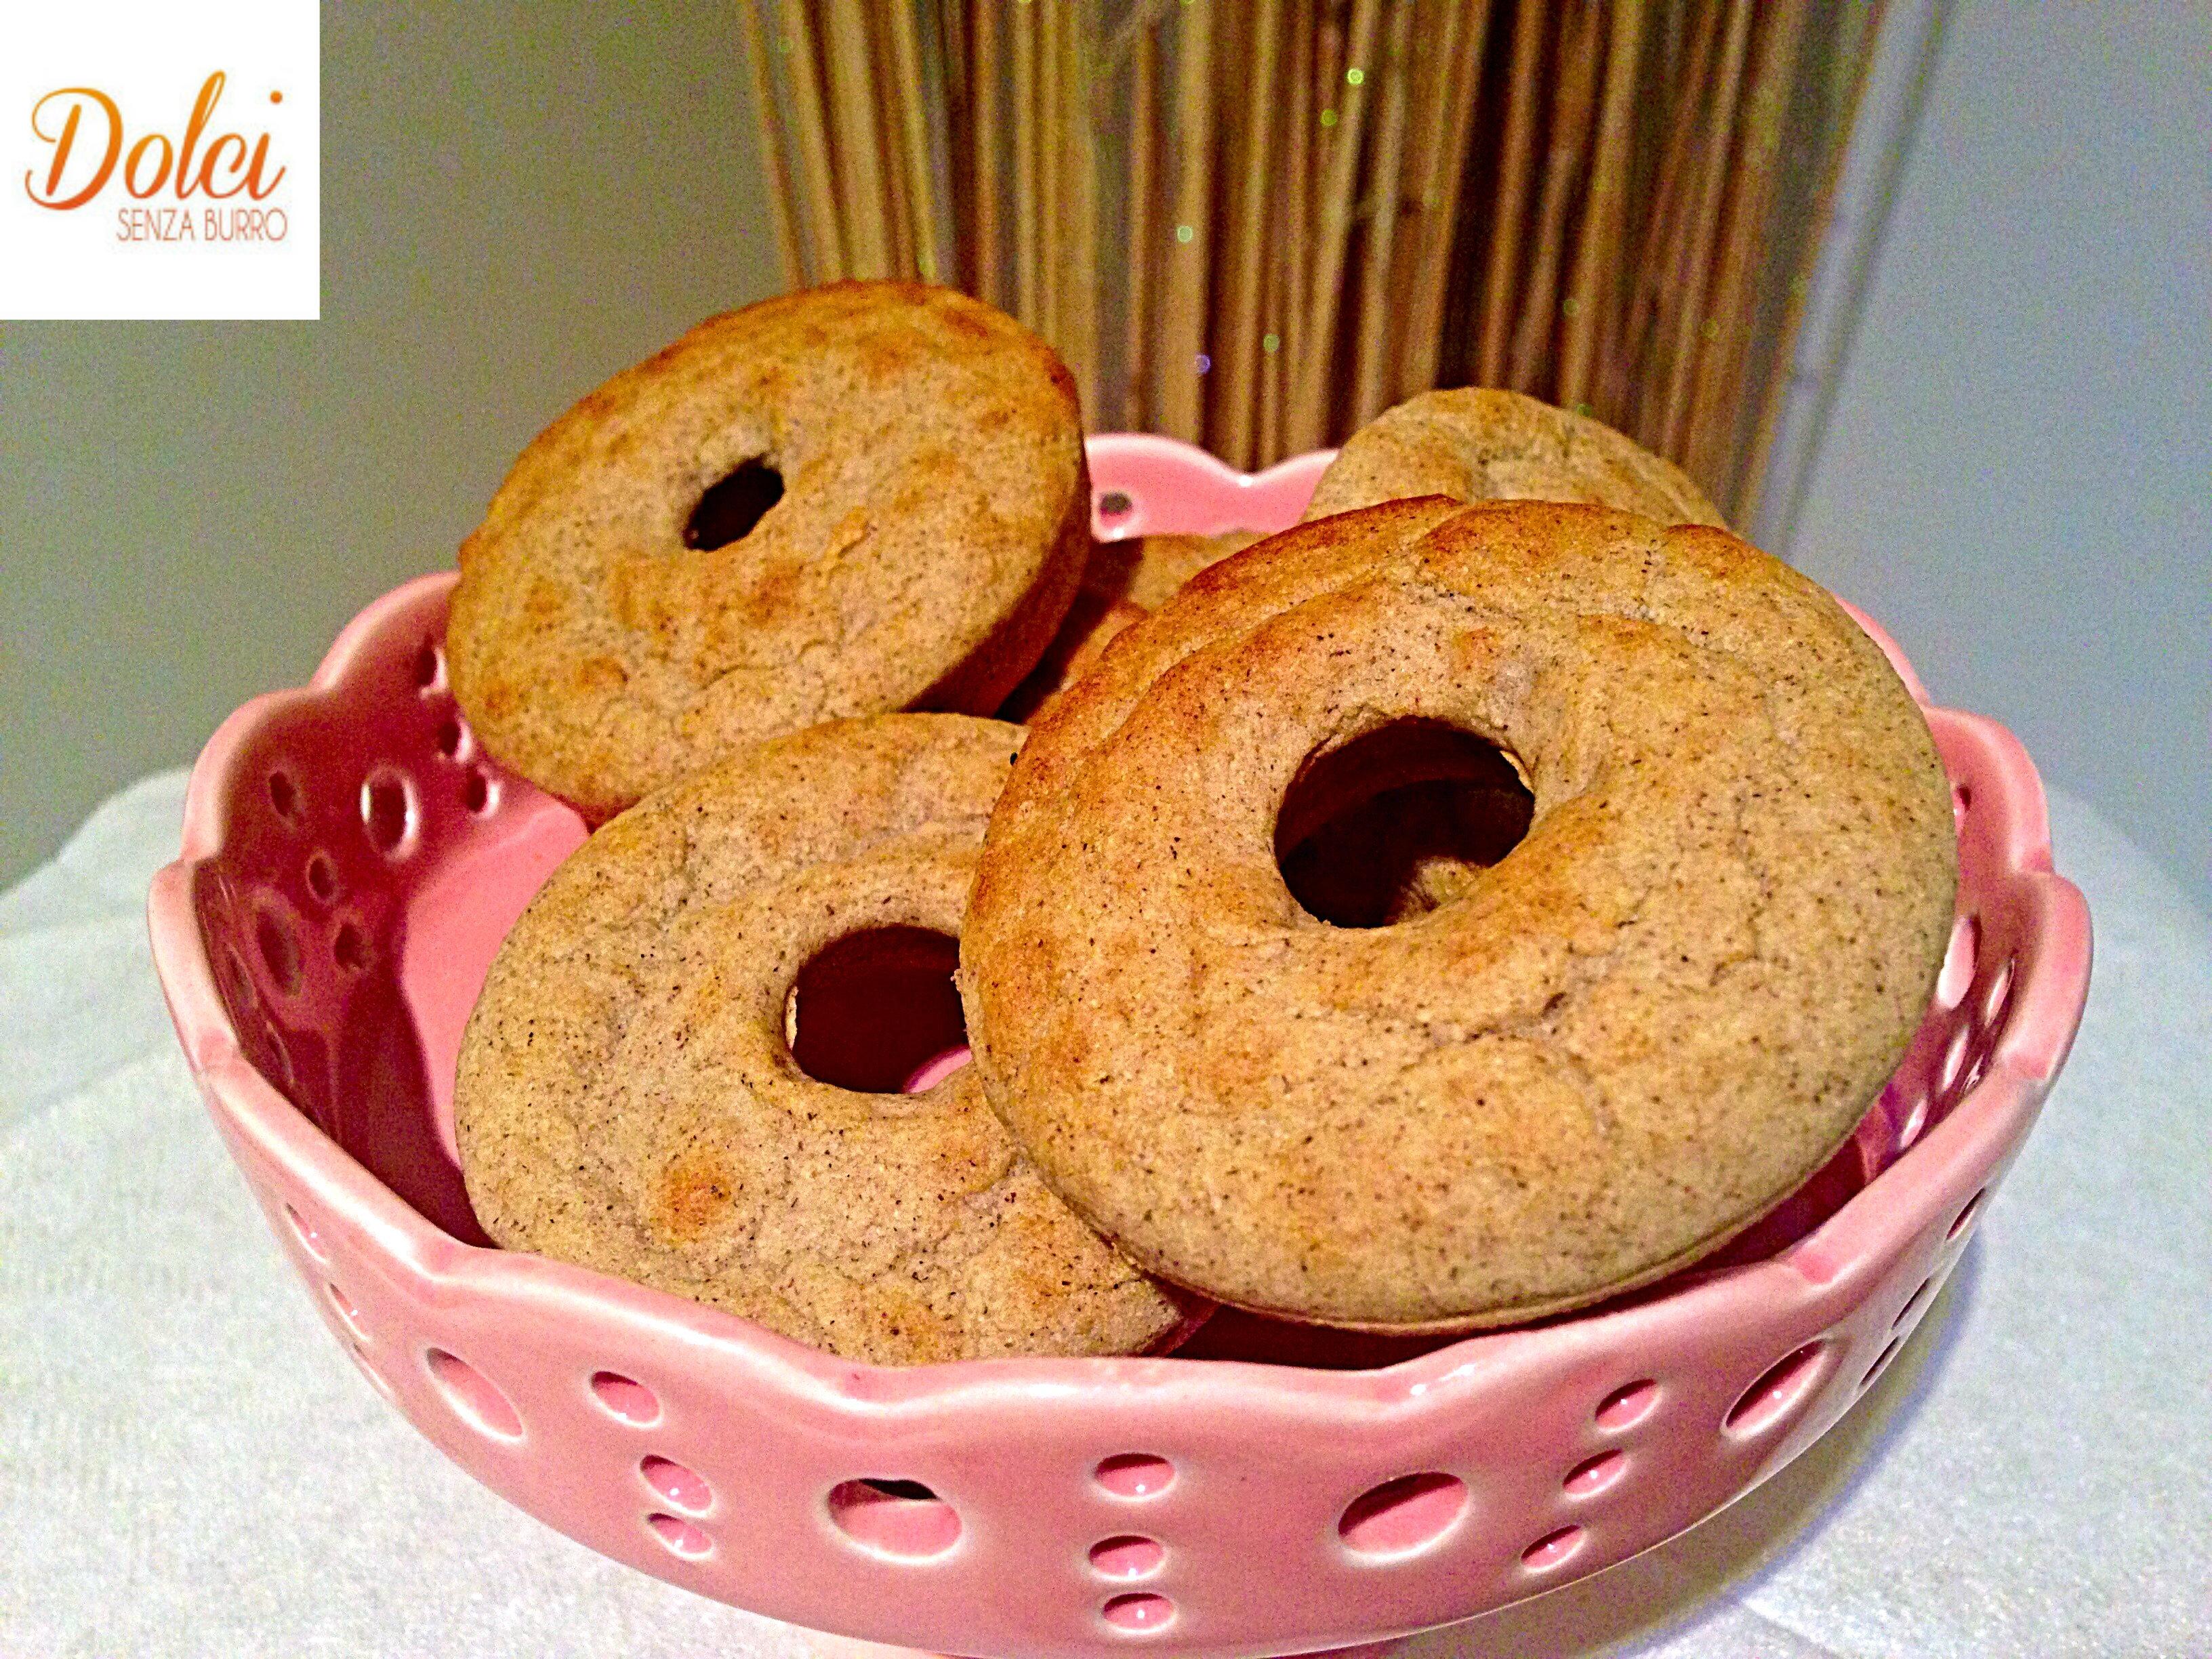 Ciambelline Soffici Integrali Senza Burro, un dolce light per restare in forma di dolci senza burro